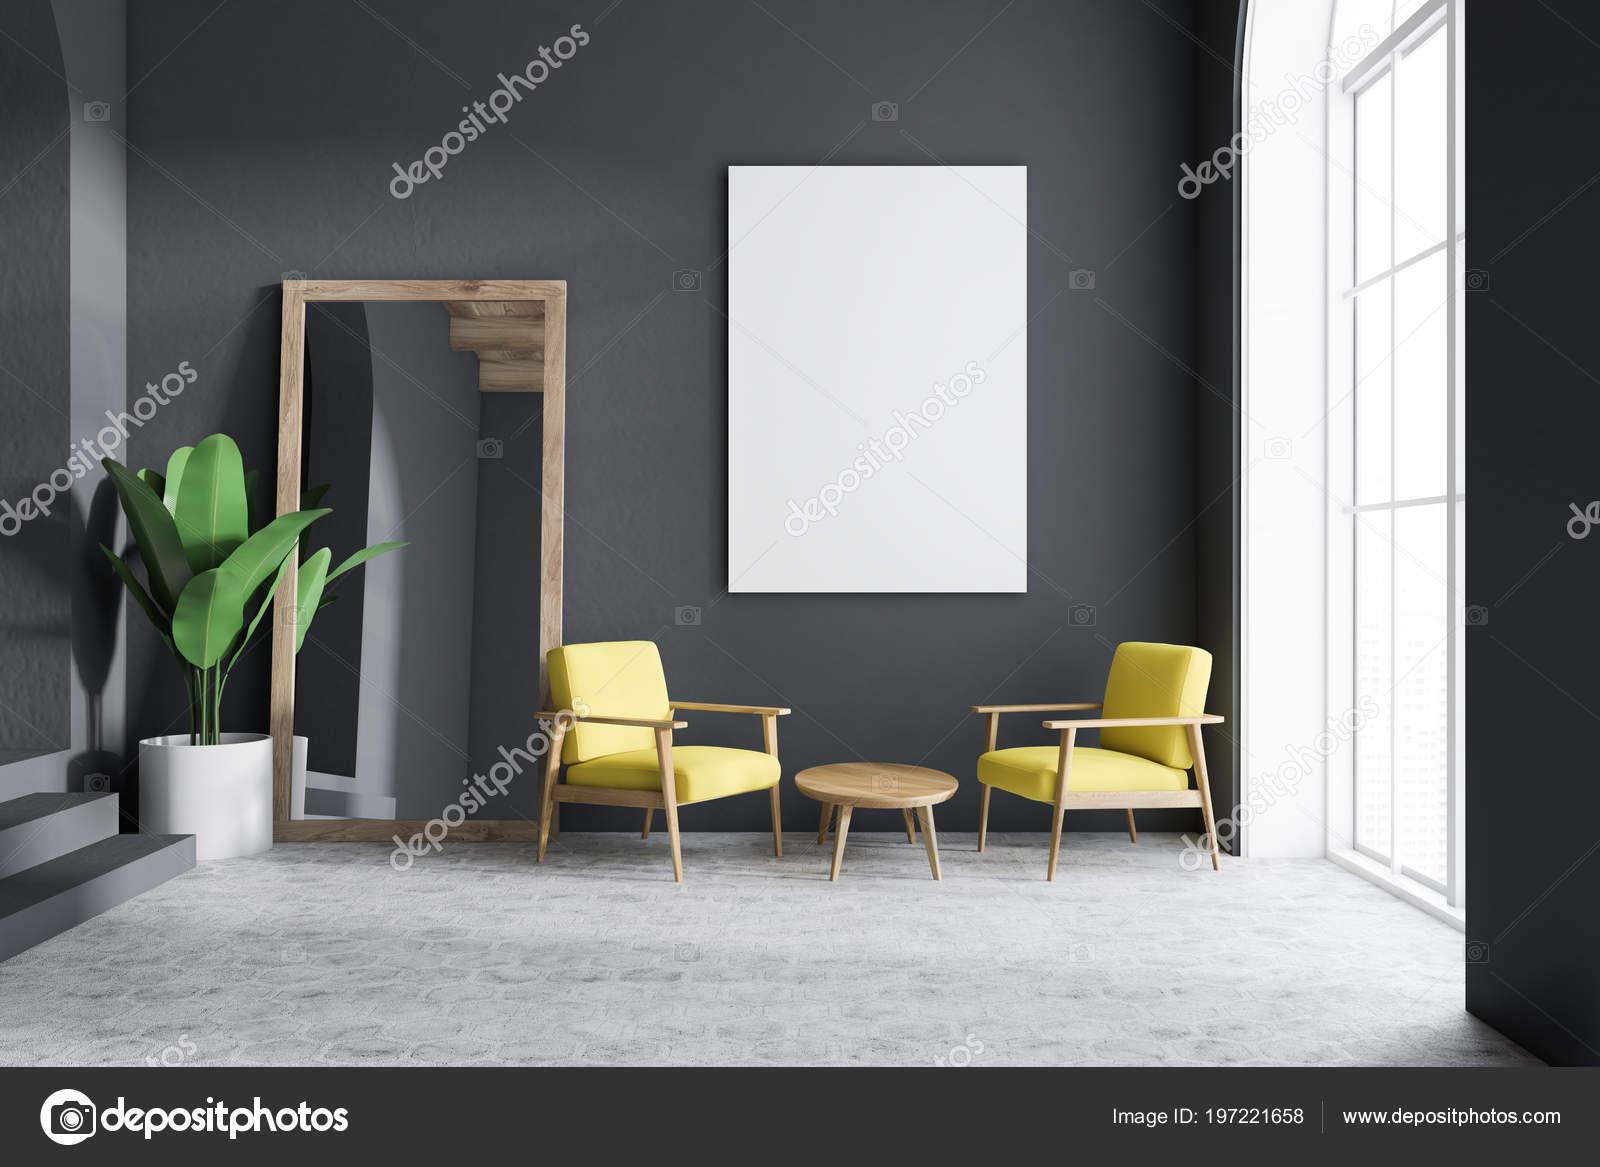 Gelber Sessel Wohnzimmer Einrichtung Mit Dunklen Grauen Wanden Loft